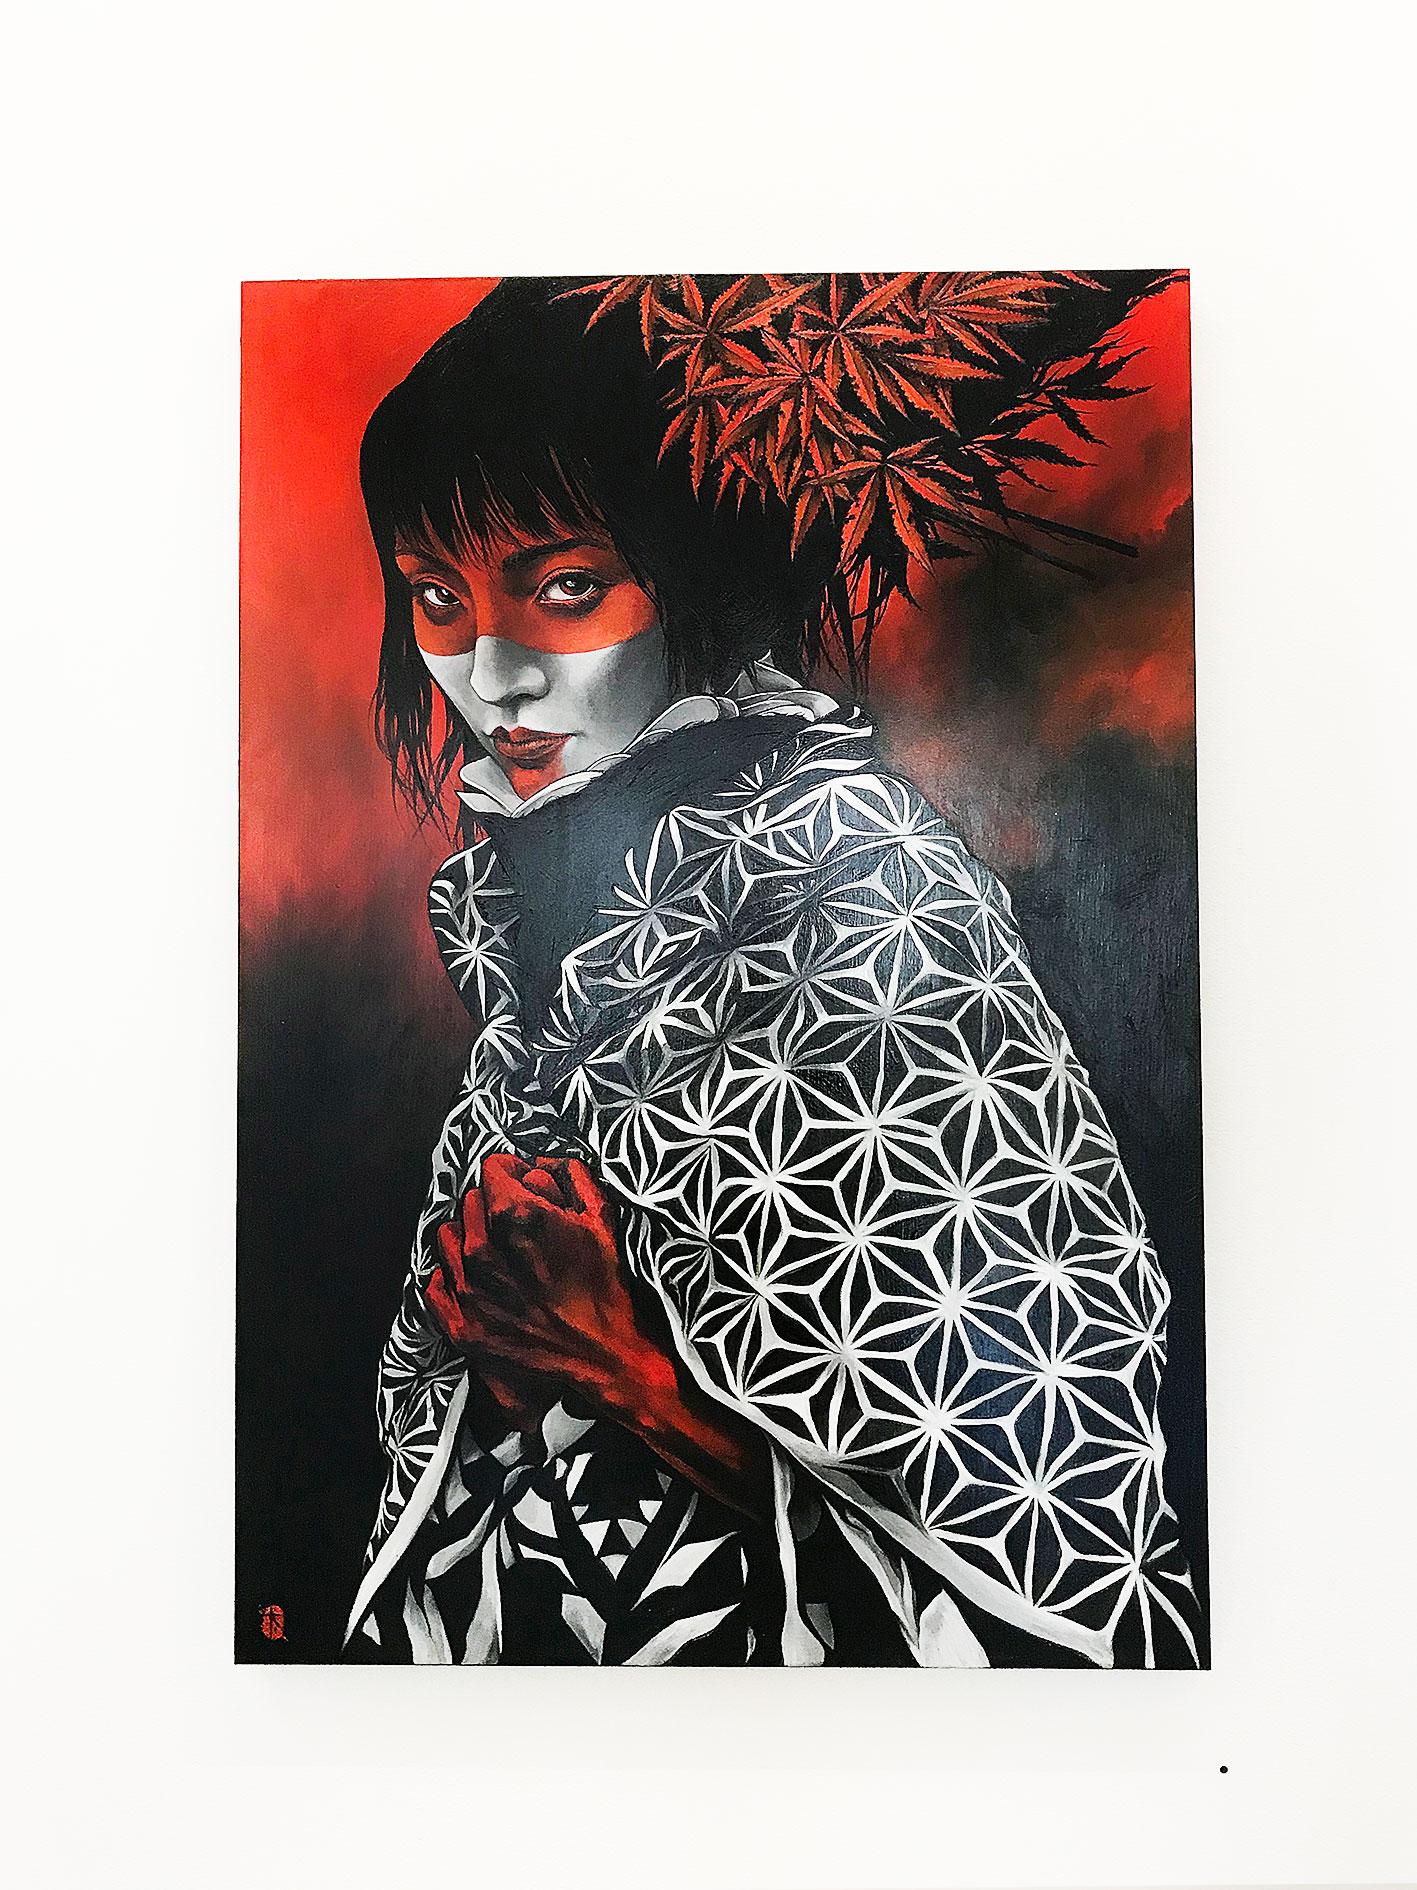 Aki 2018 Oil on cradled wood panel 610 x 915 mm